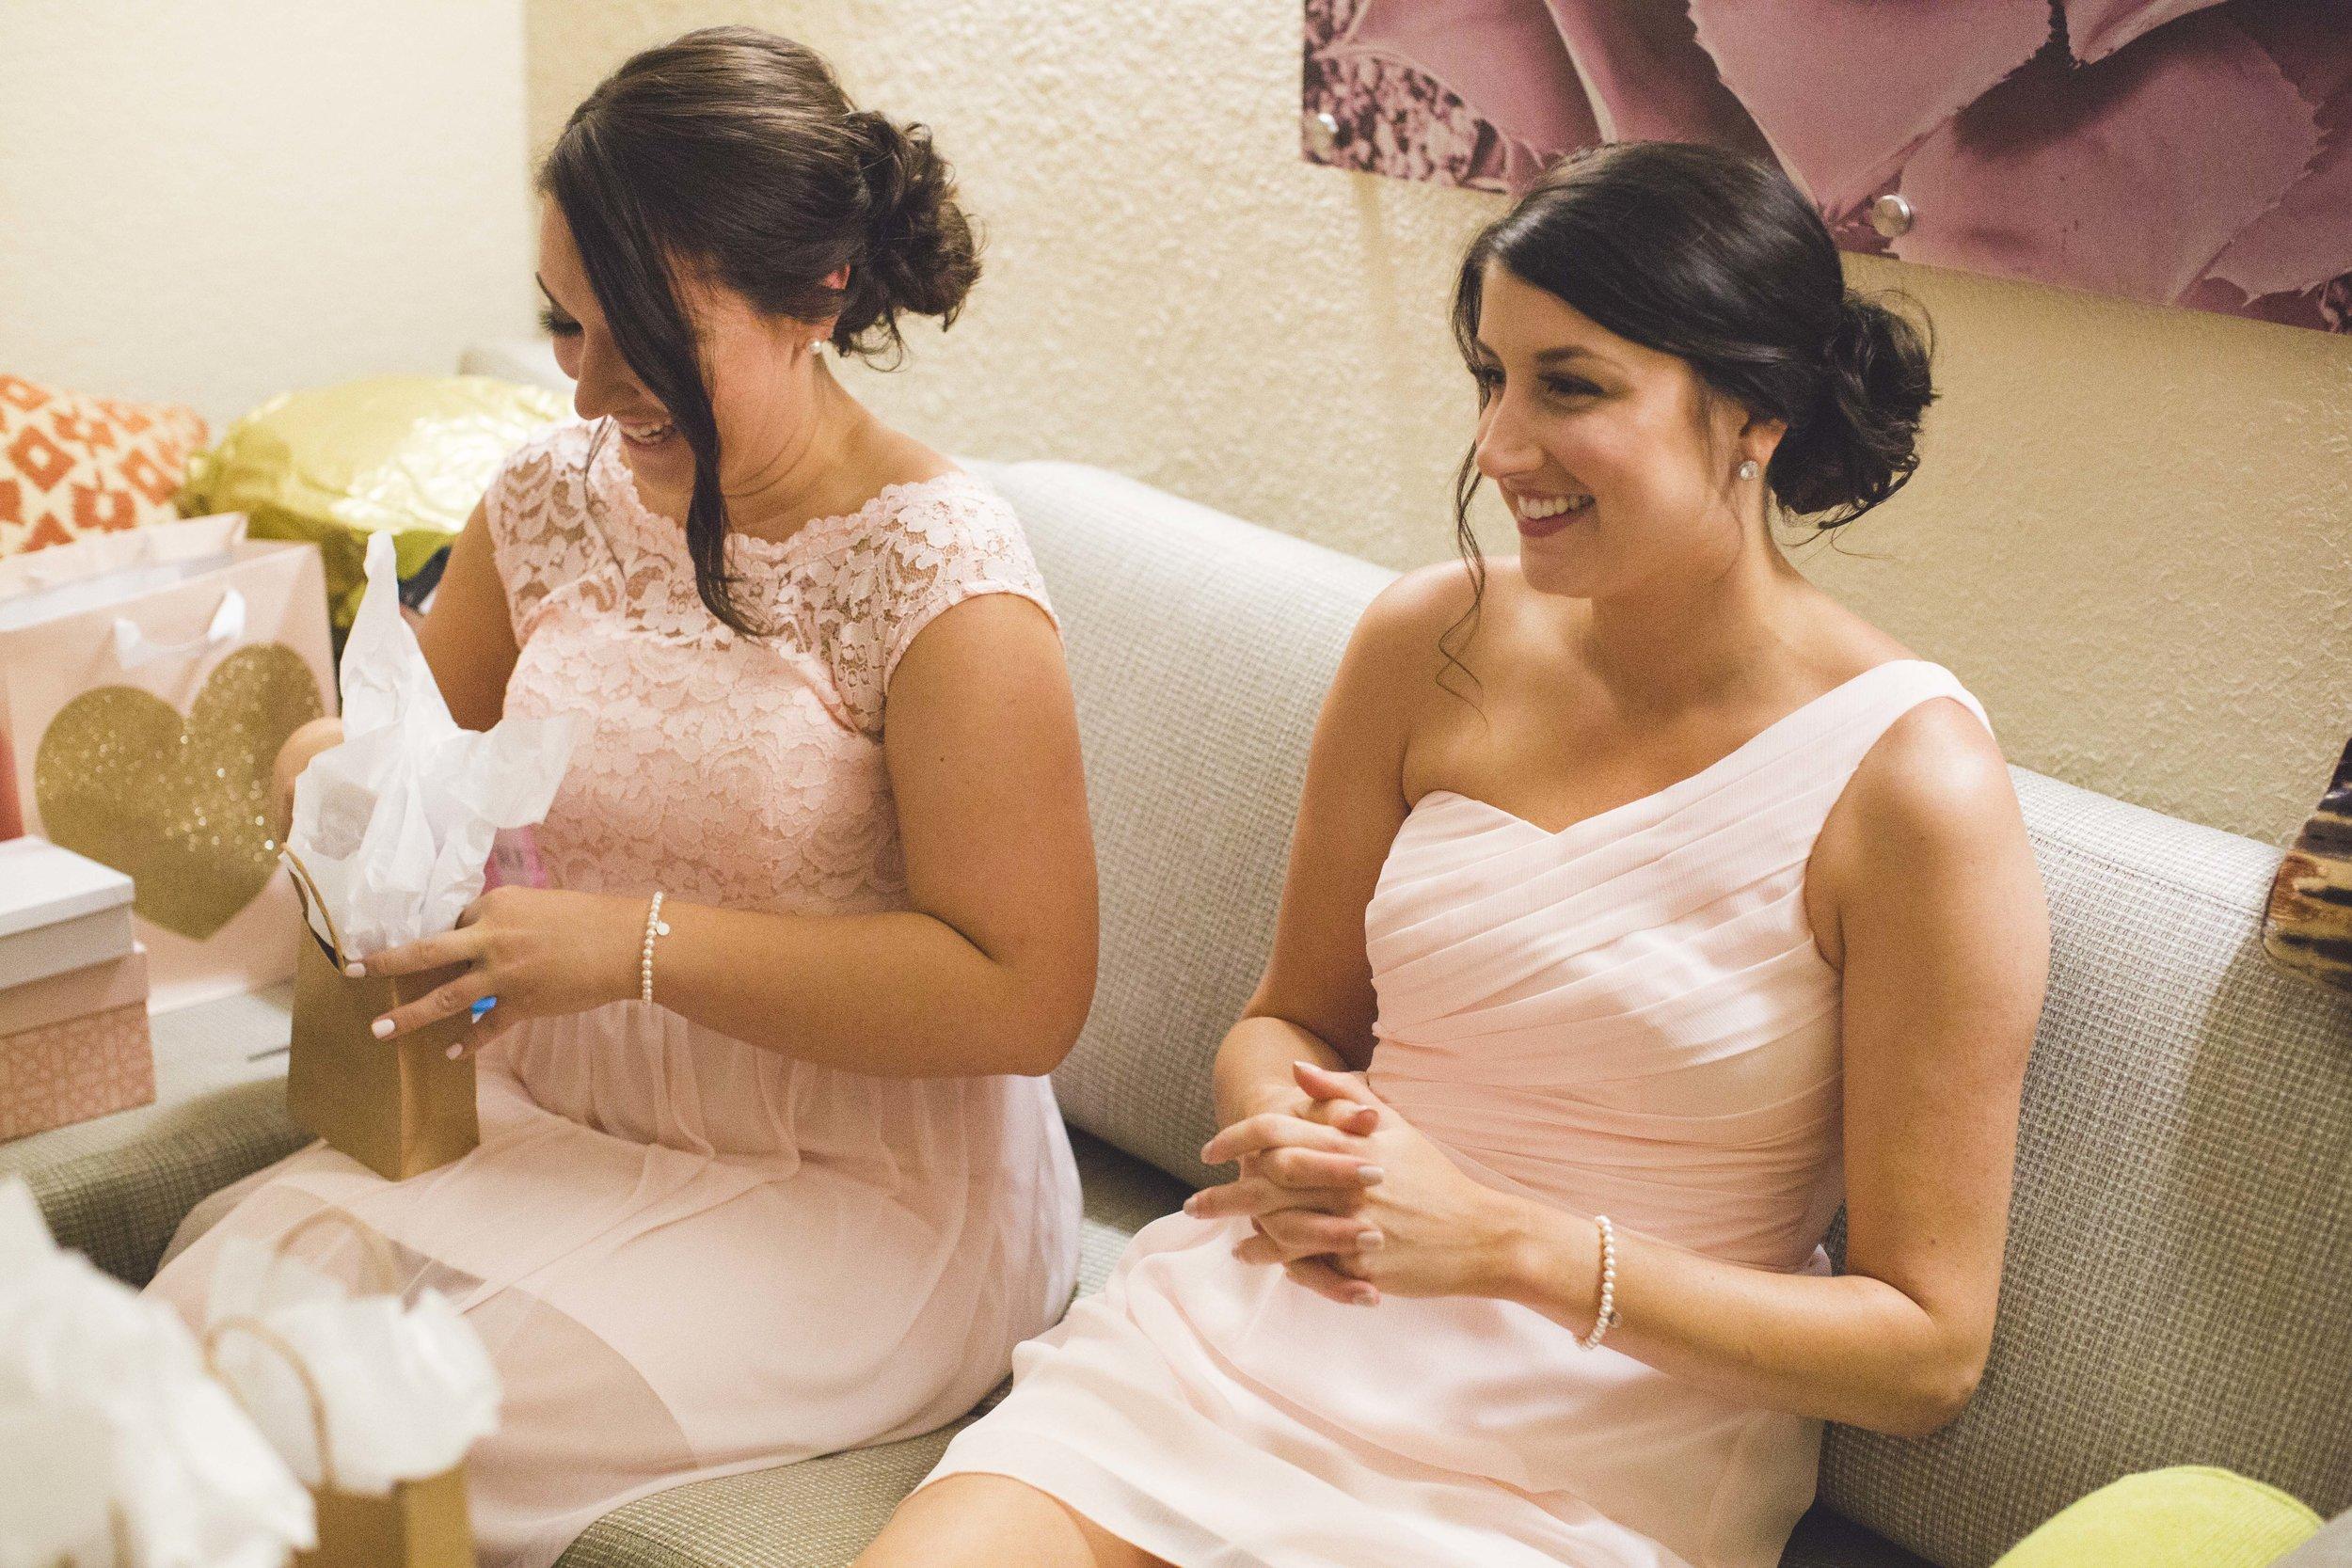 ATGI_Susanna & Matt Wedding_717A6928.jpg